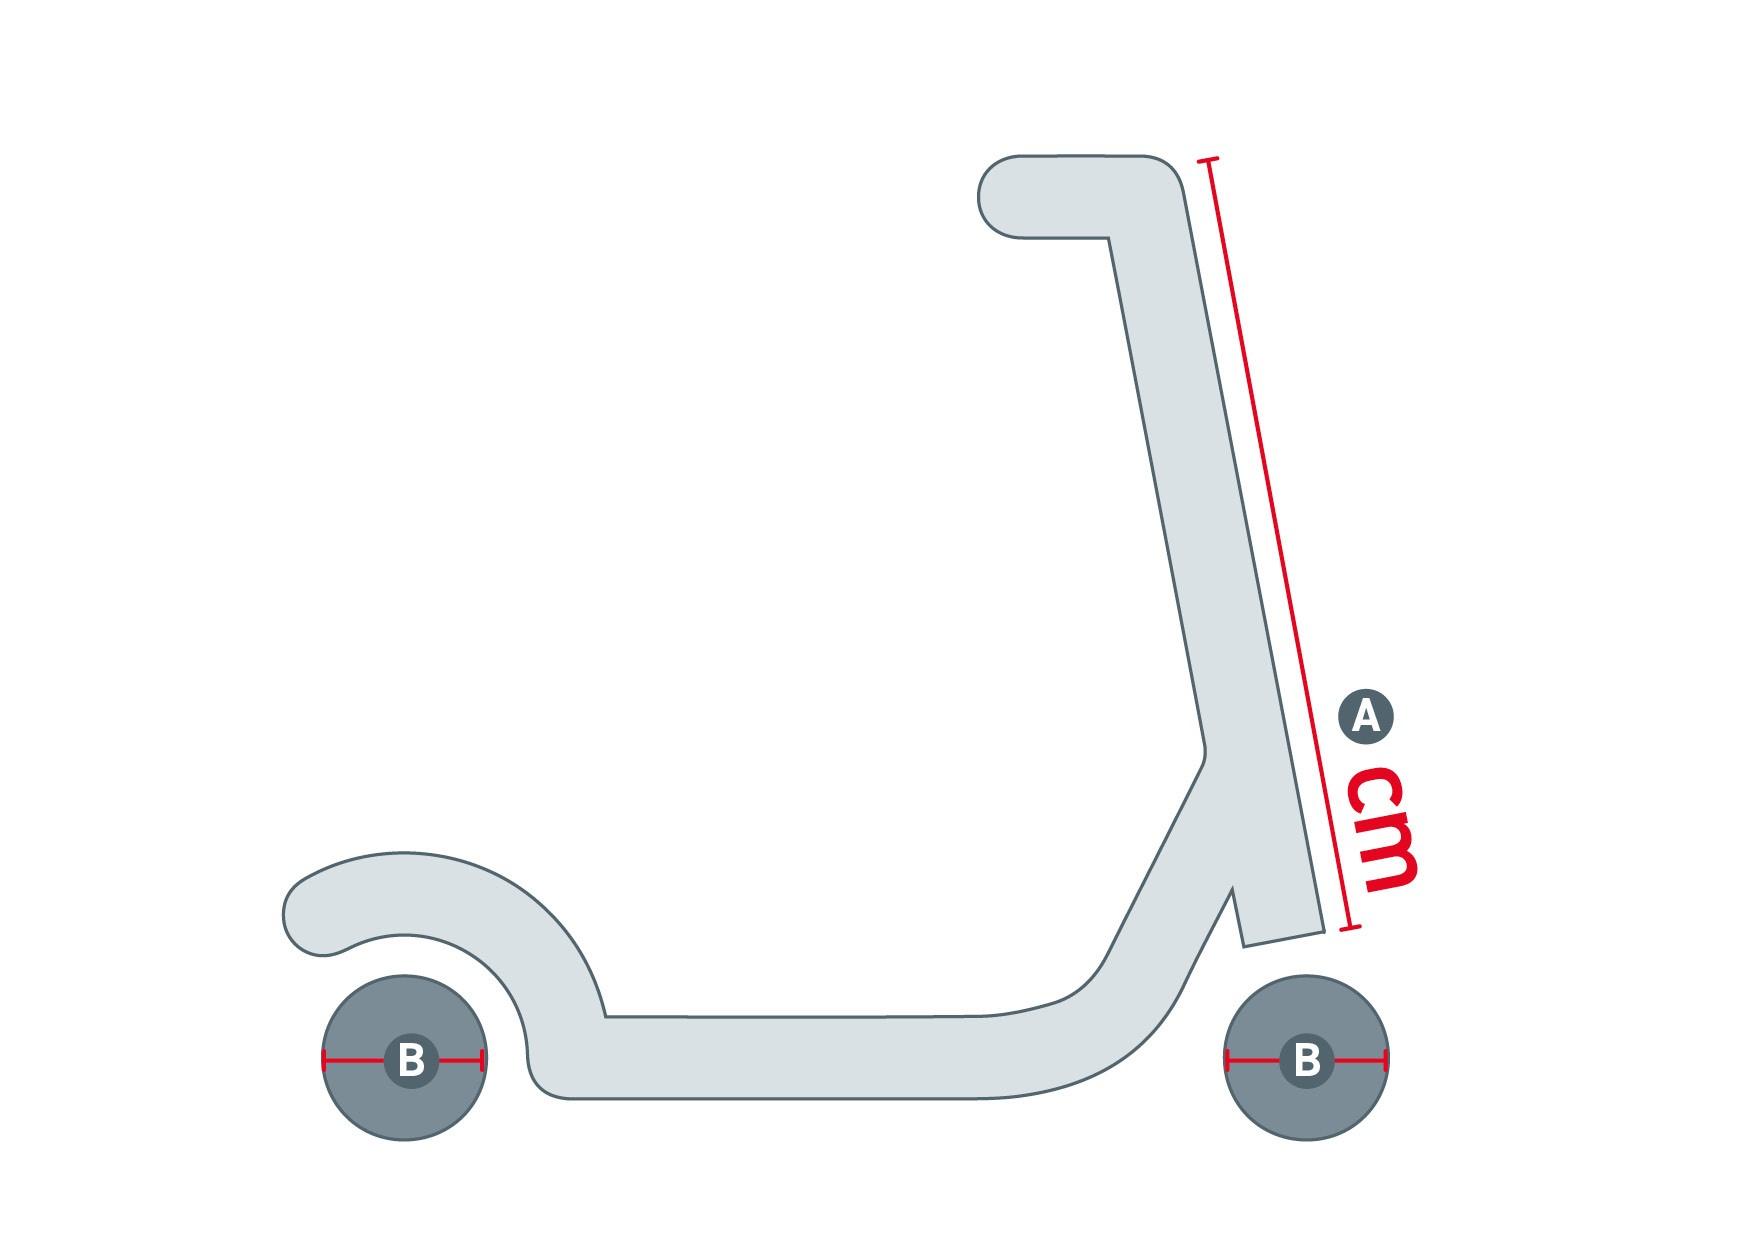 geometrieskizze eines scool scooters